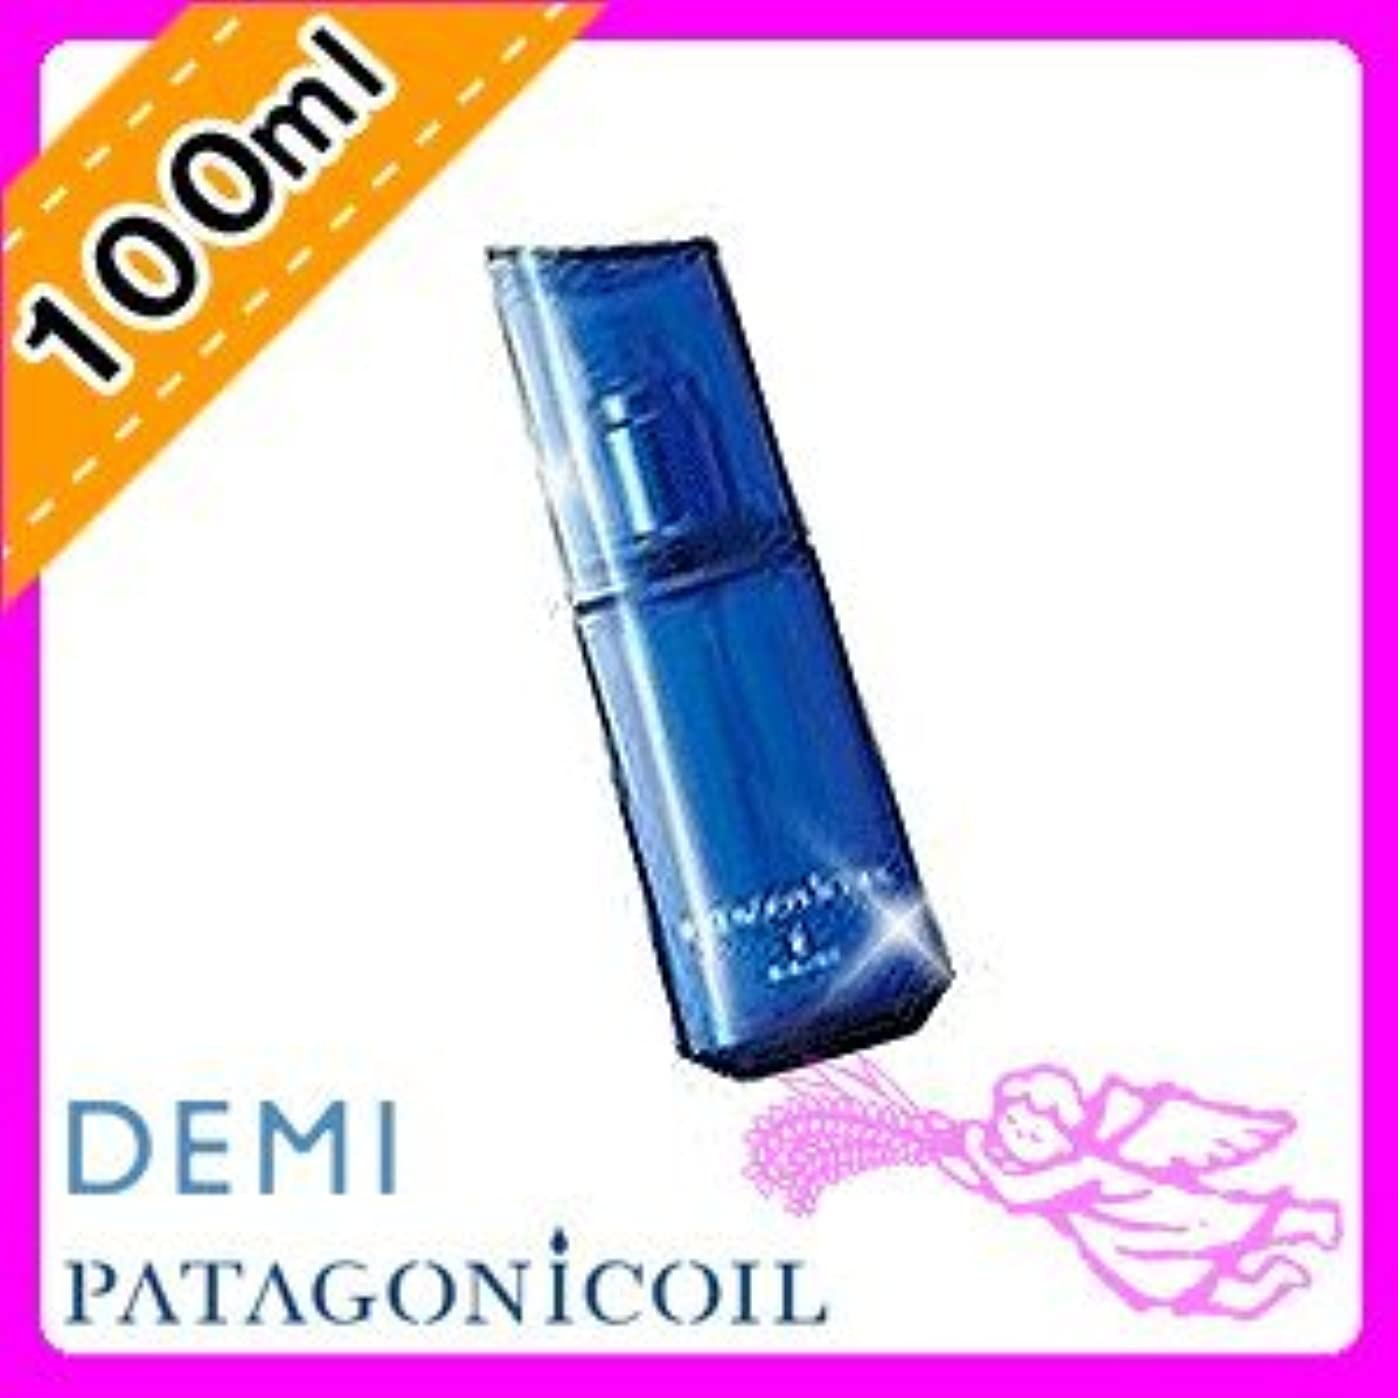 不潔特異性狭いデミ パタゴニックオイル イセベルグ モイスト 100ml DEMI PATAGONICOIL